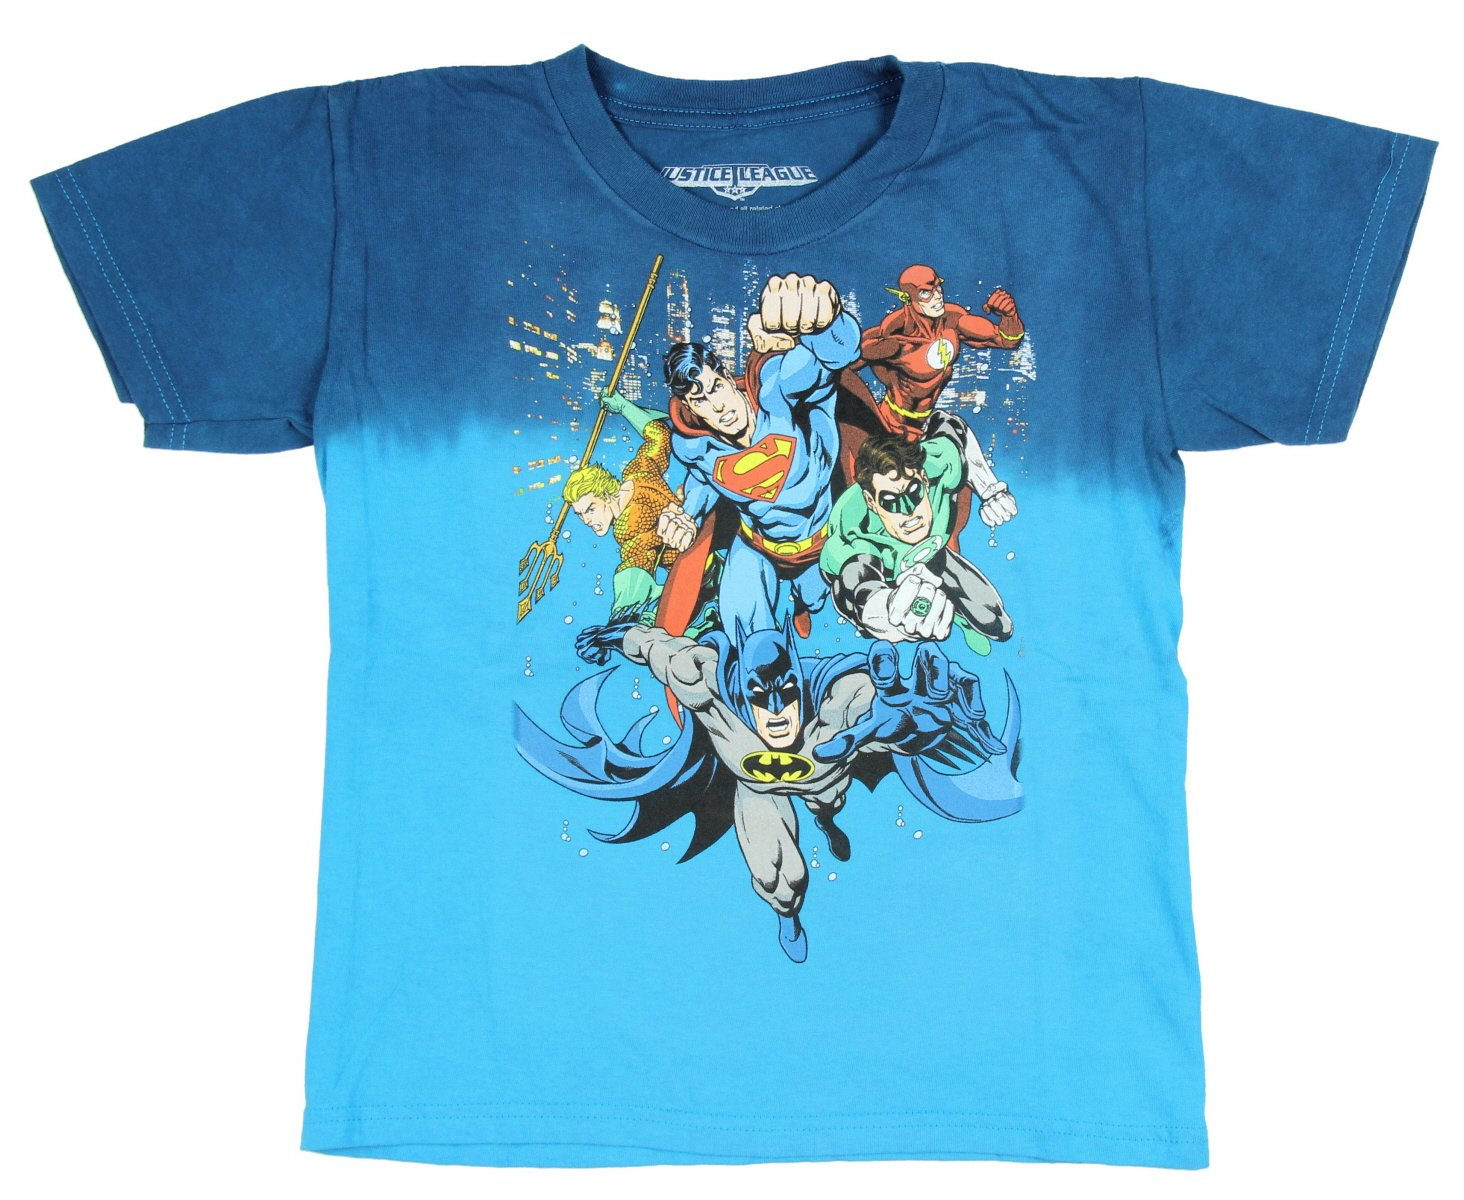 DC Comics Justice League Superman Flash Batman Aquaman Green Lantern T-Shirt MD